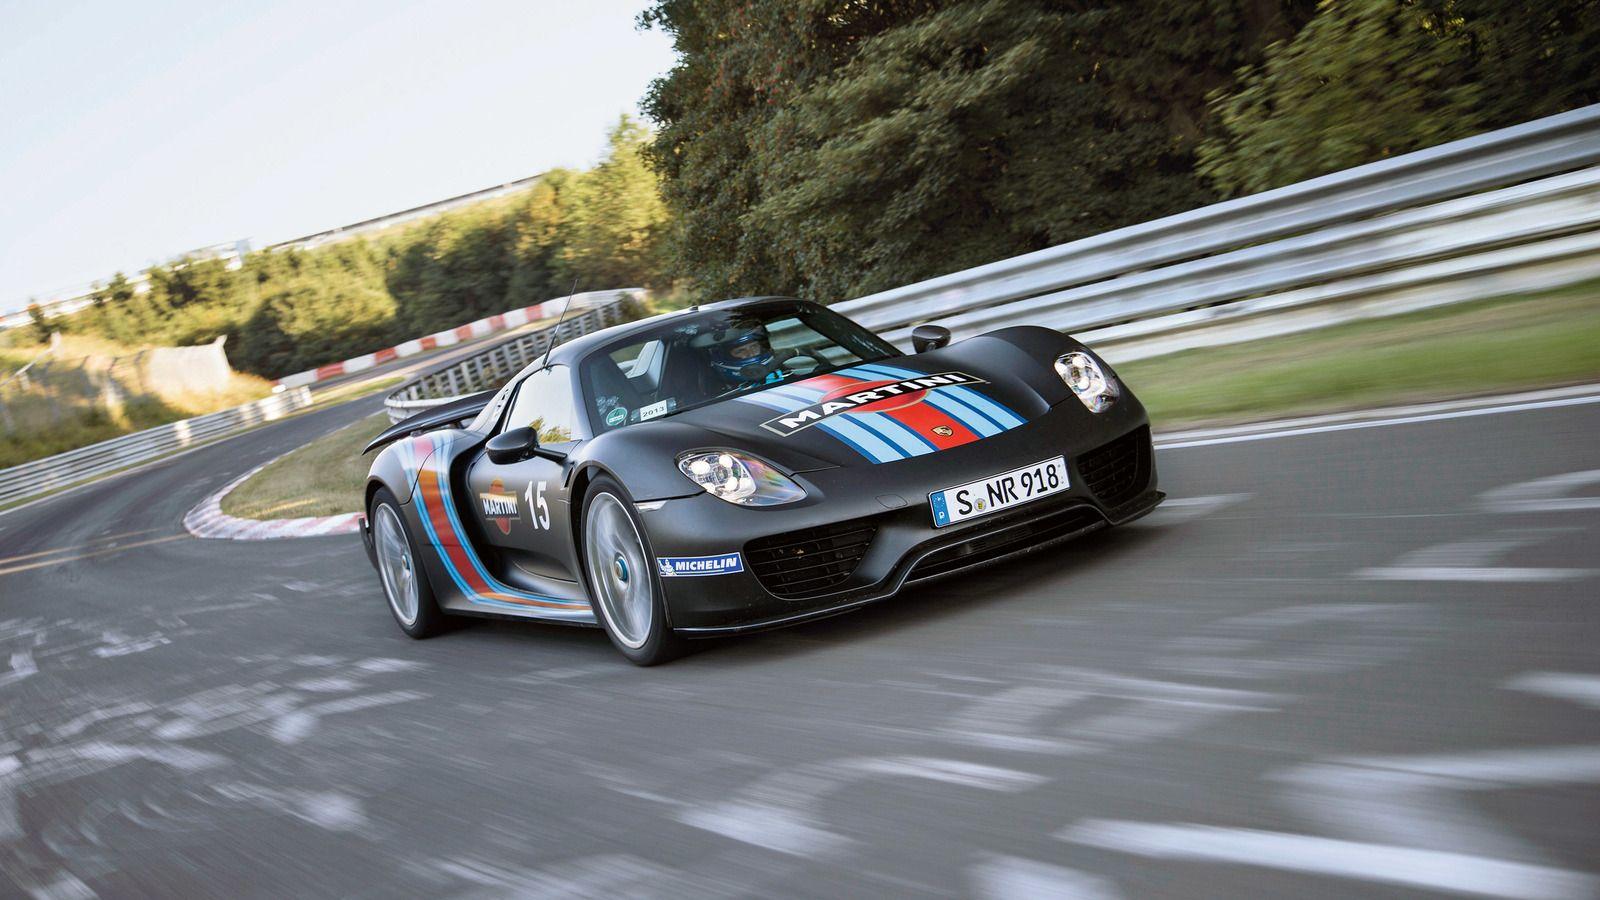 El #Porsche 918 Spyder fue el primer automóvil con permiso de circulación en carretera a nivel mundial que pudo recorrer el Nordschleife en menos de siete minutos en 2013.